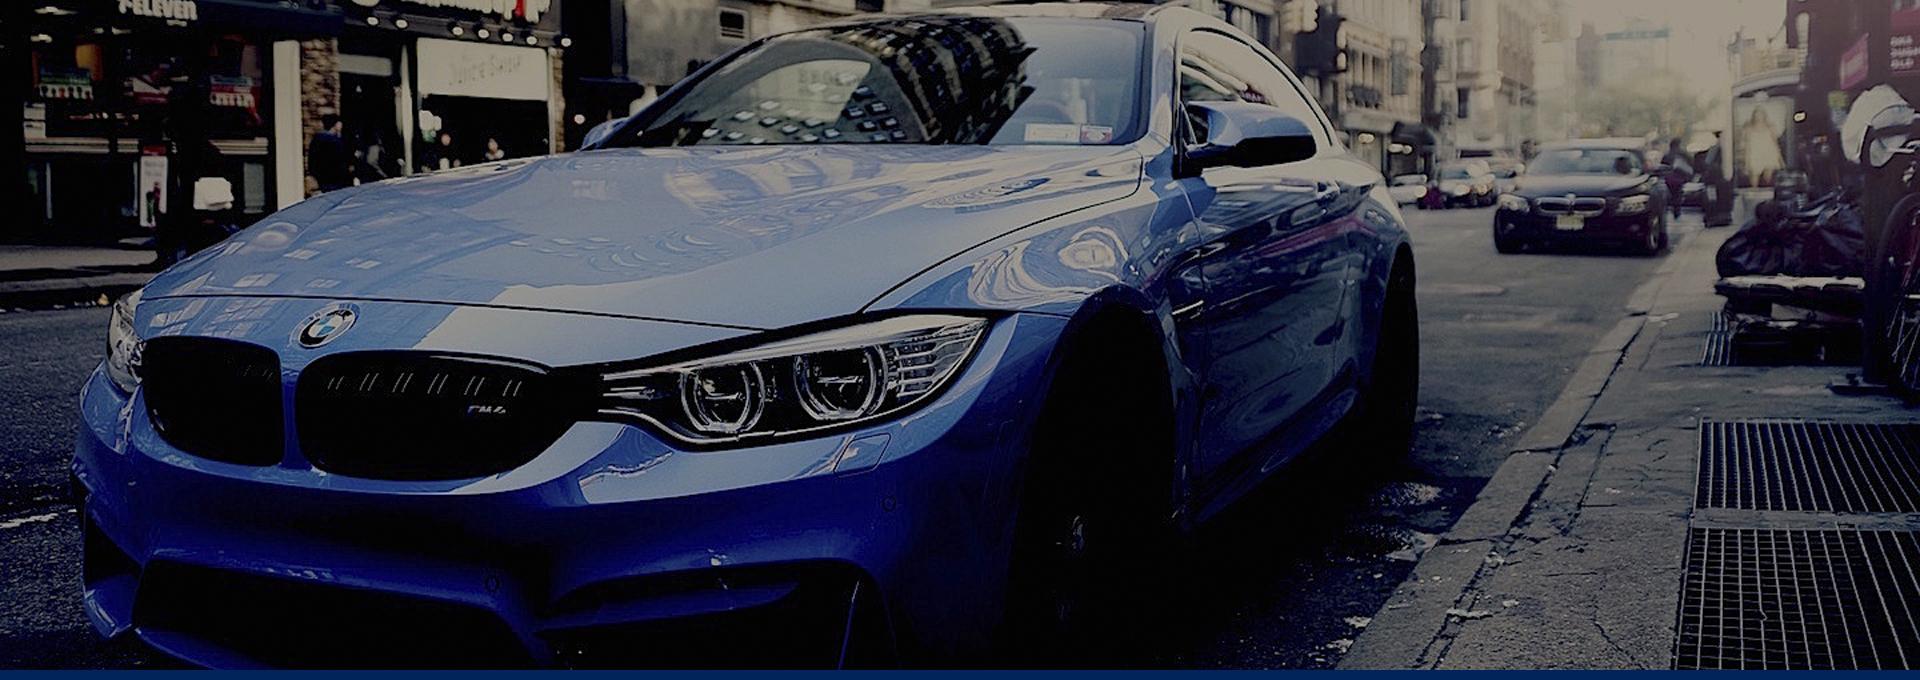 Автосалоны авто выкуп москва какое авто стоит своих денег